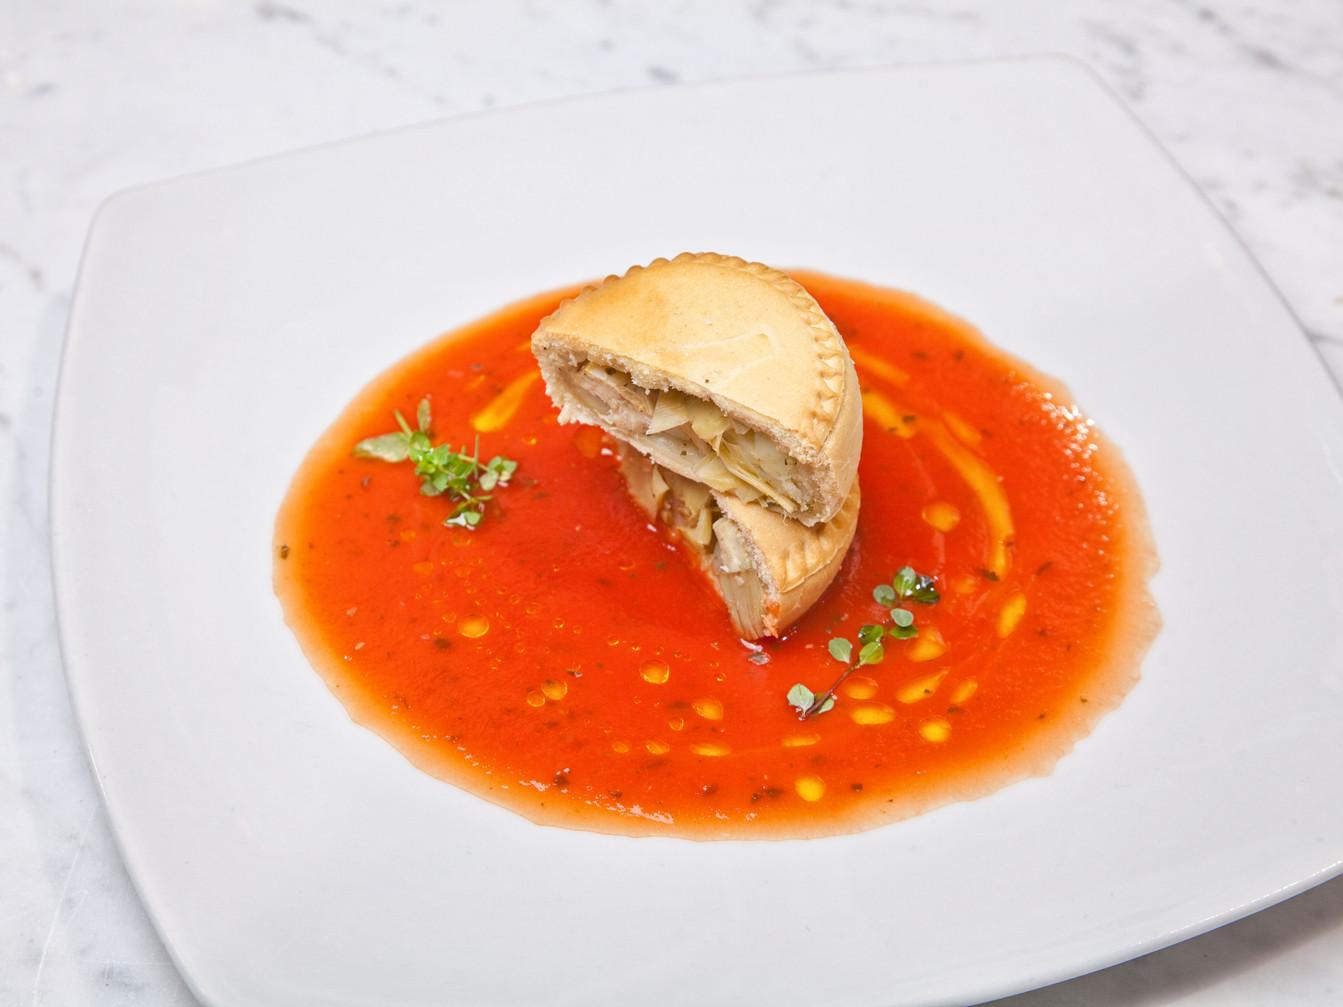 Panada Vegan con carciofi e patate su gazpacho di pomodoro datterino e basilico